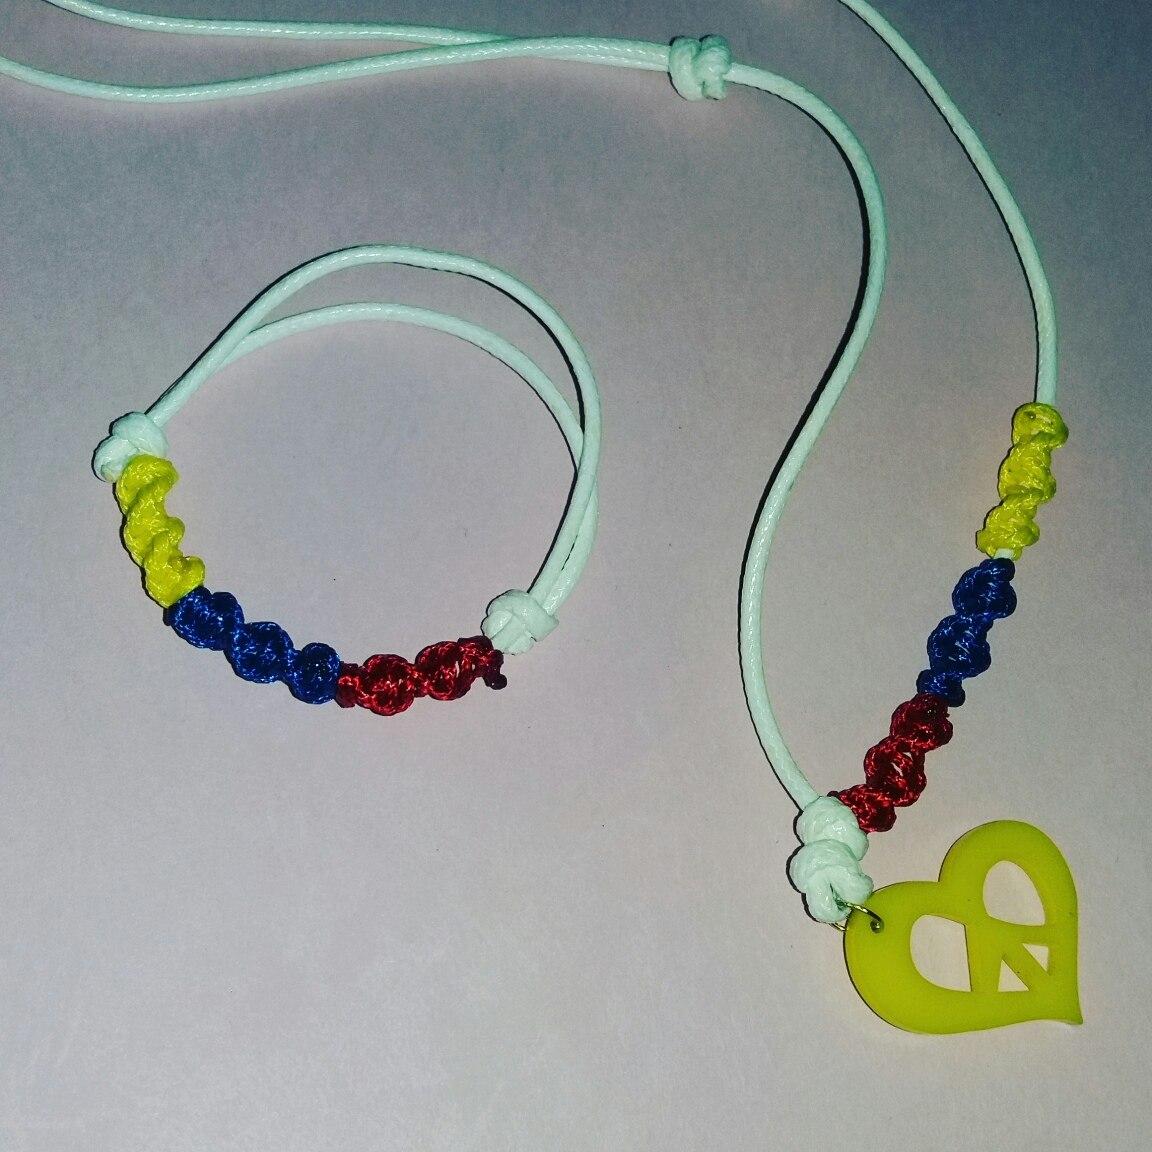 bd179ded660e collar ajustable cuero dama bisuteria venezuela. Cargando zoom.